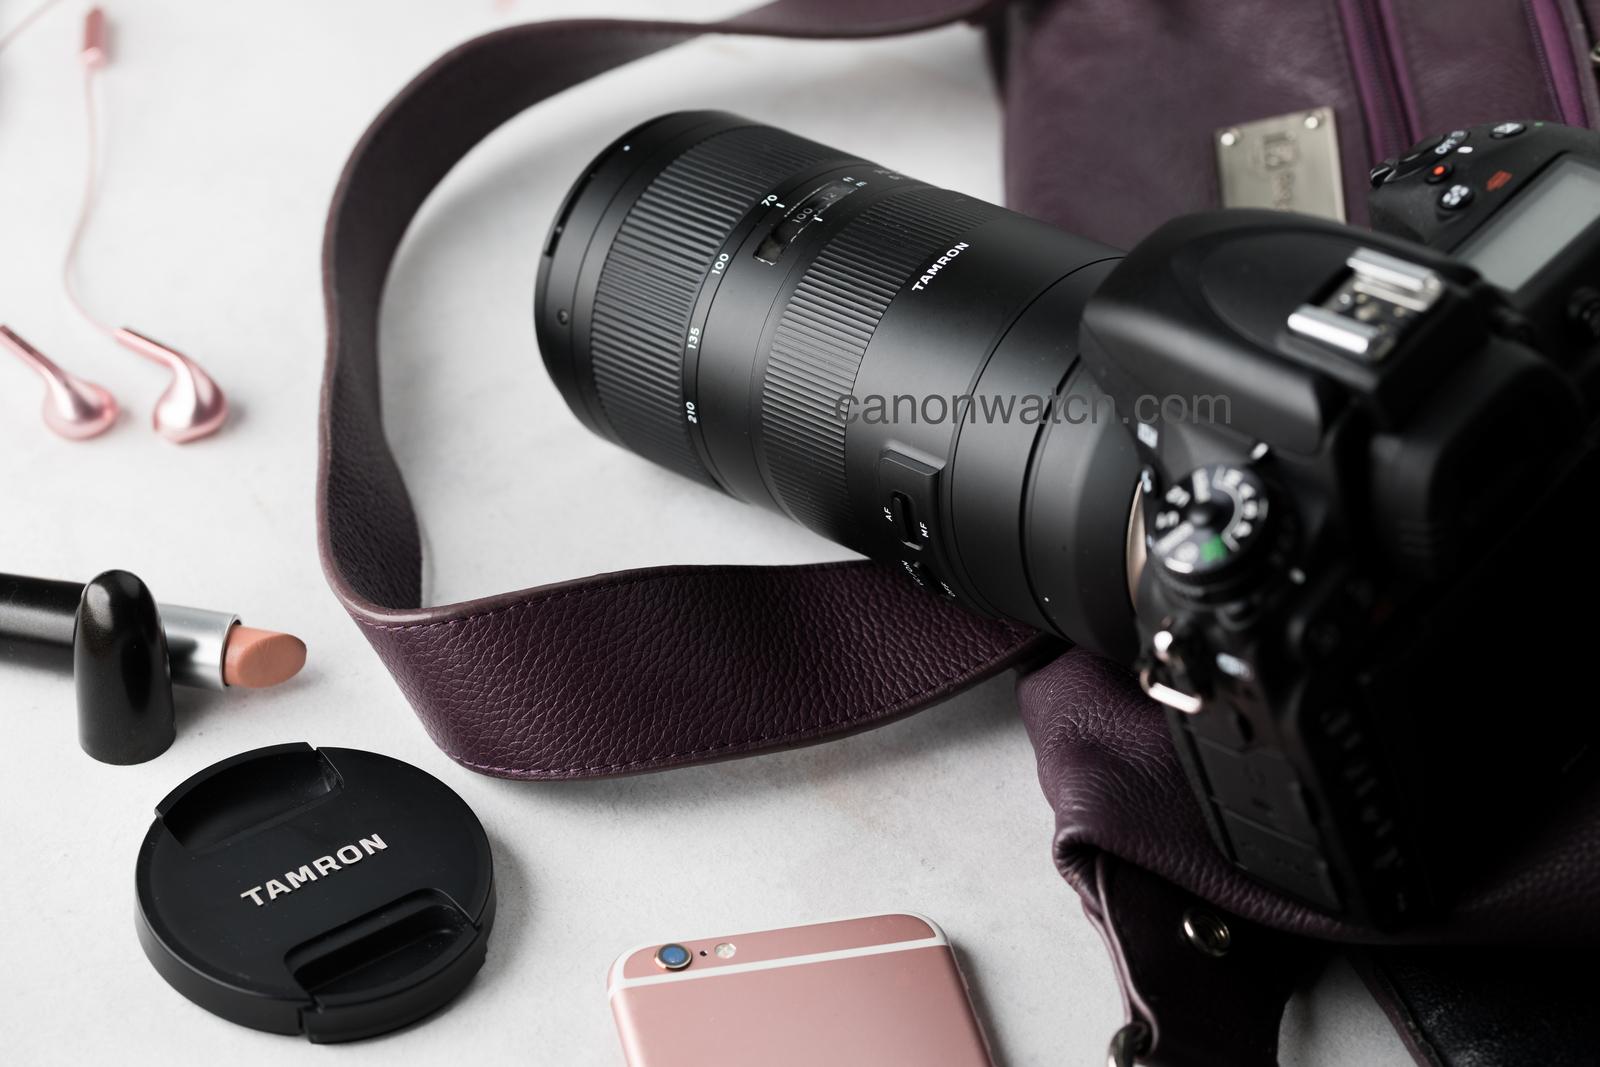 Объектив Tamron 70-210mm f/4 Di VC USD установлен на фотоаппарат